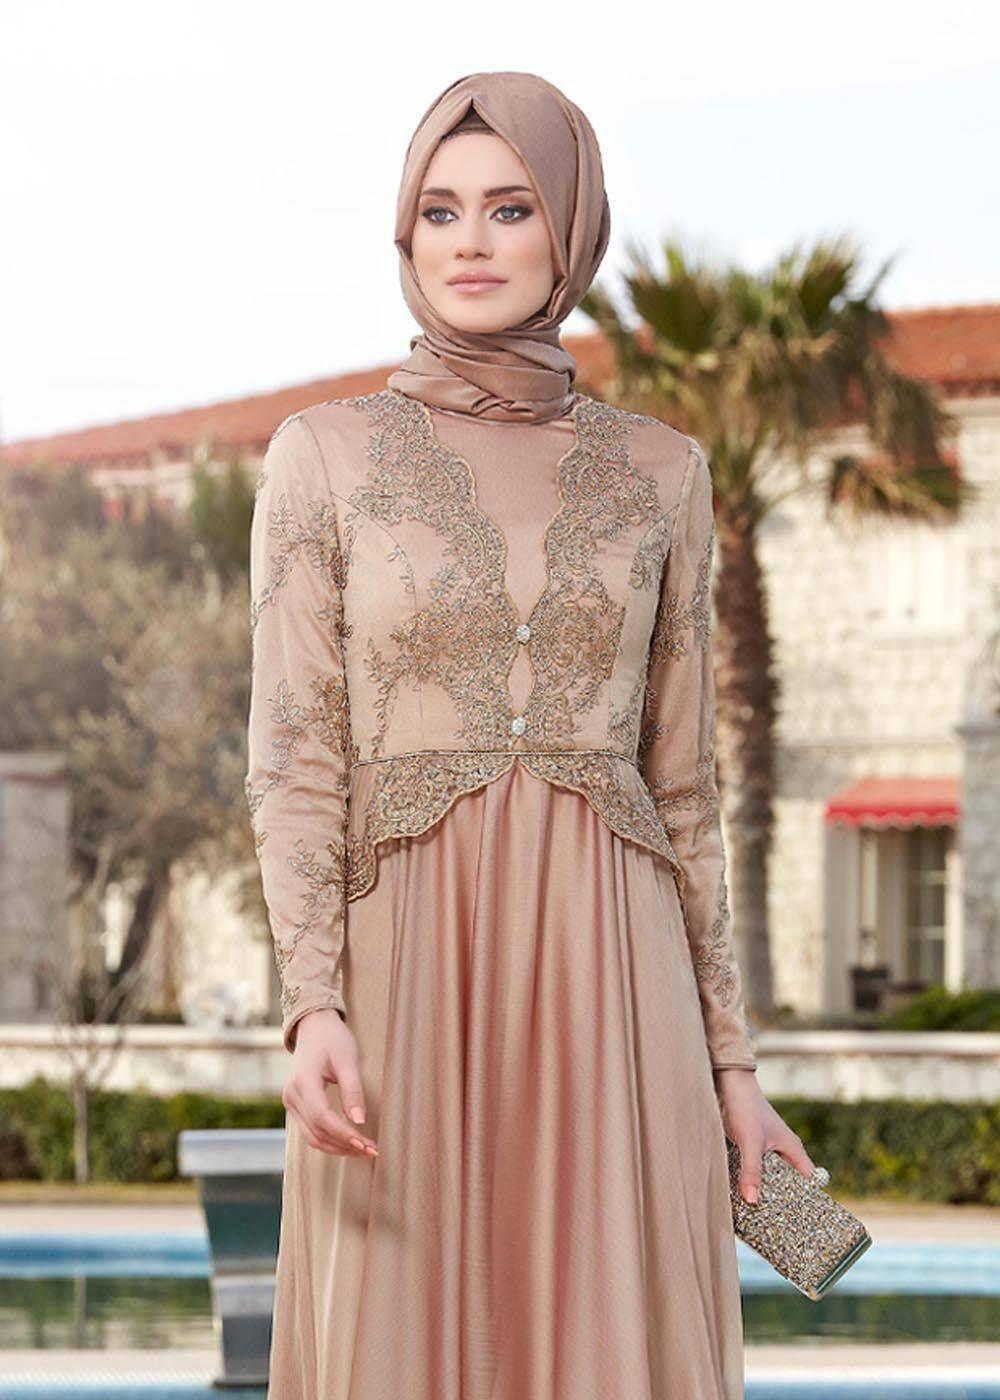 Sunnet Annesi Abiye Modelleri Basortusu Modasi Arap Modasi Musluman Modasi